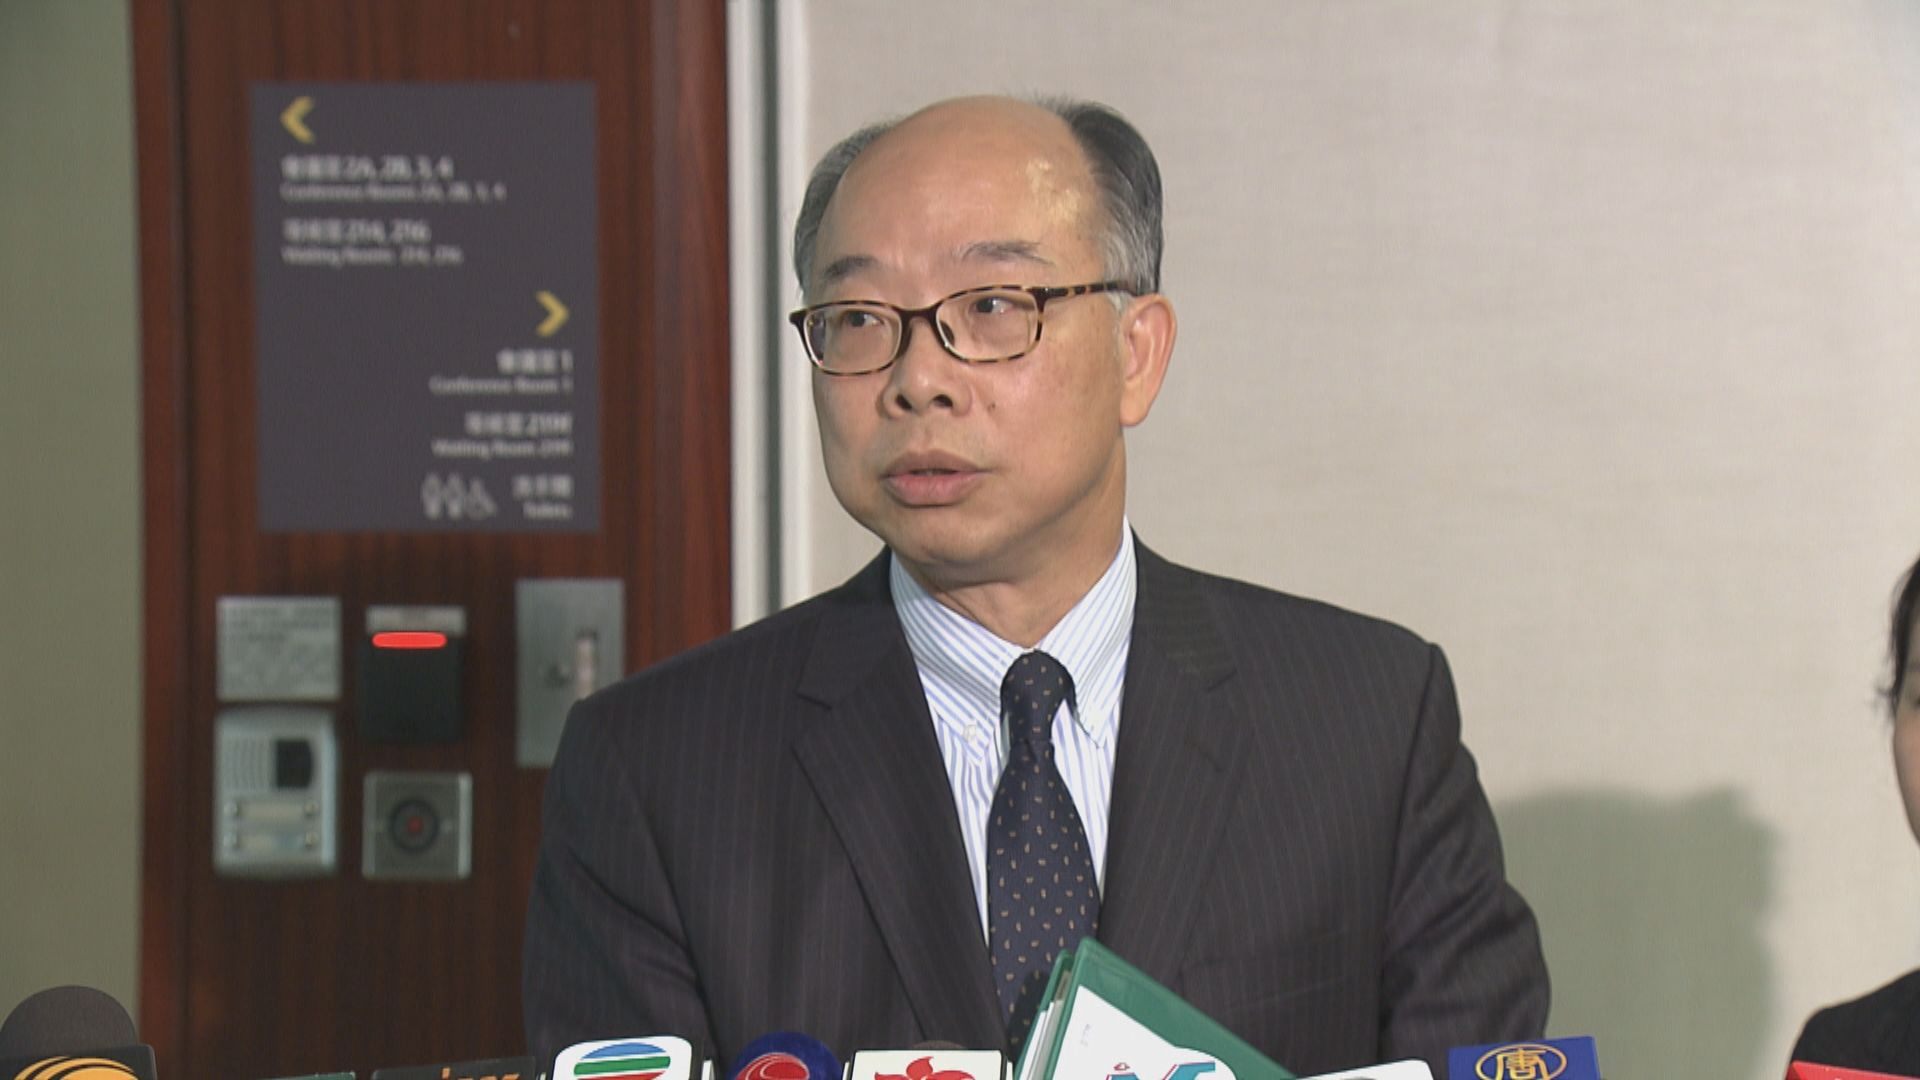 陳帆:會研究減少旅客對東涌居民影響